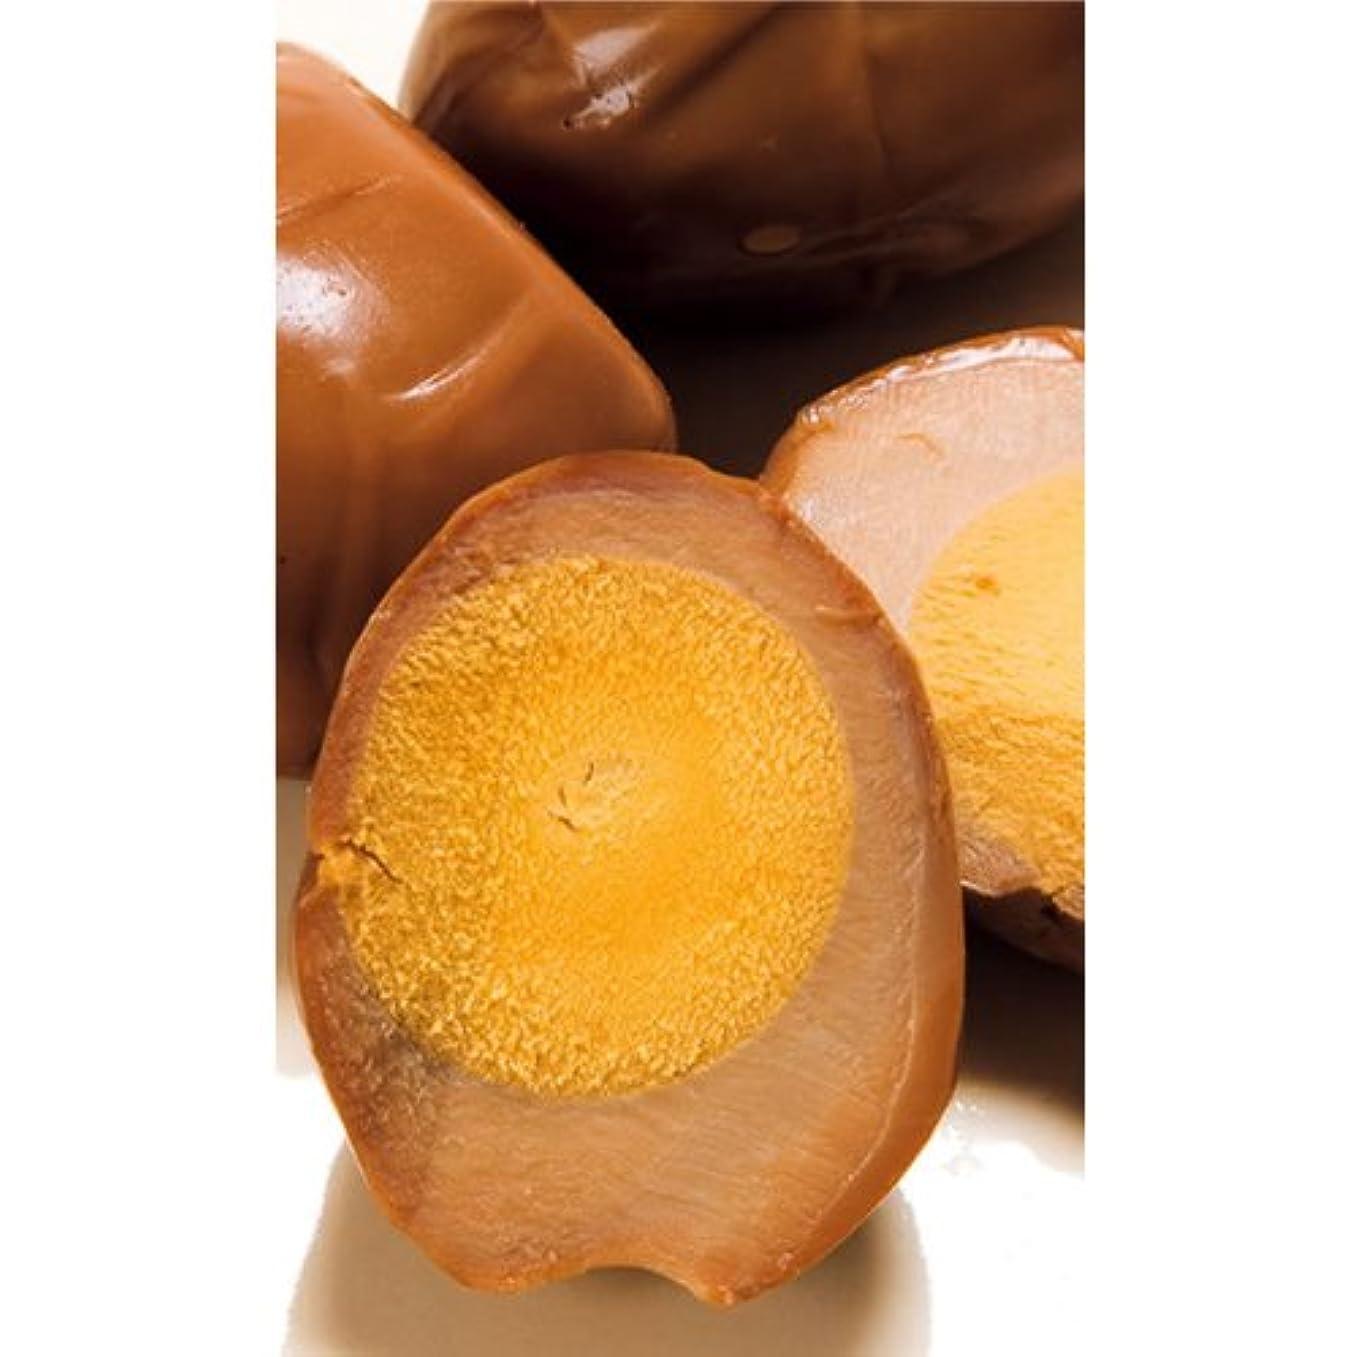 無駄だ広がり分類鹹鴨蛋【3点セット】(ゆで塩卵?塩蛋?鹹蛋?味付け卵) アヒルの卵 中国名産 360g(6個入)×3